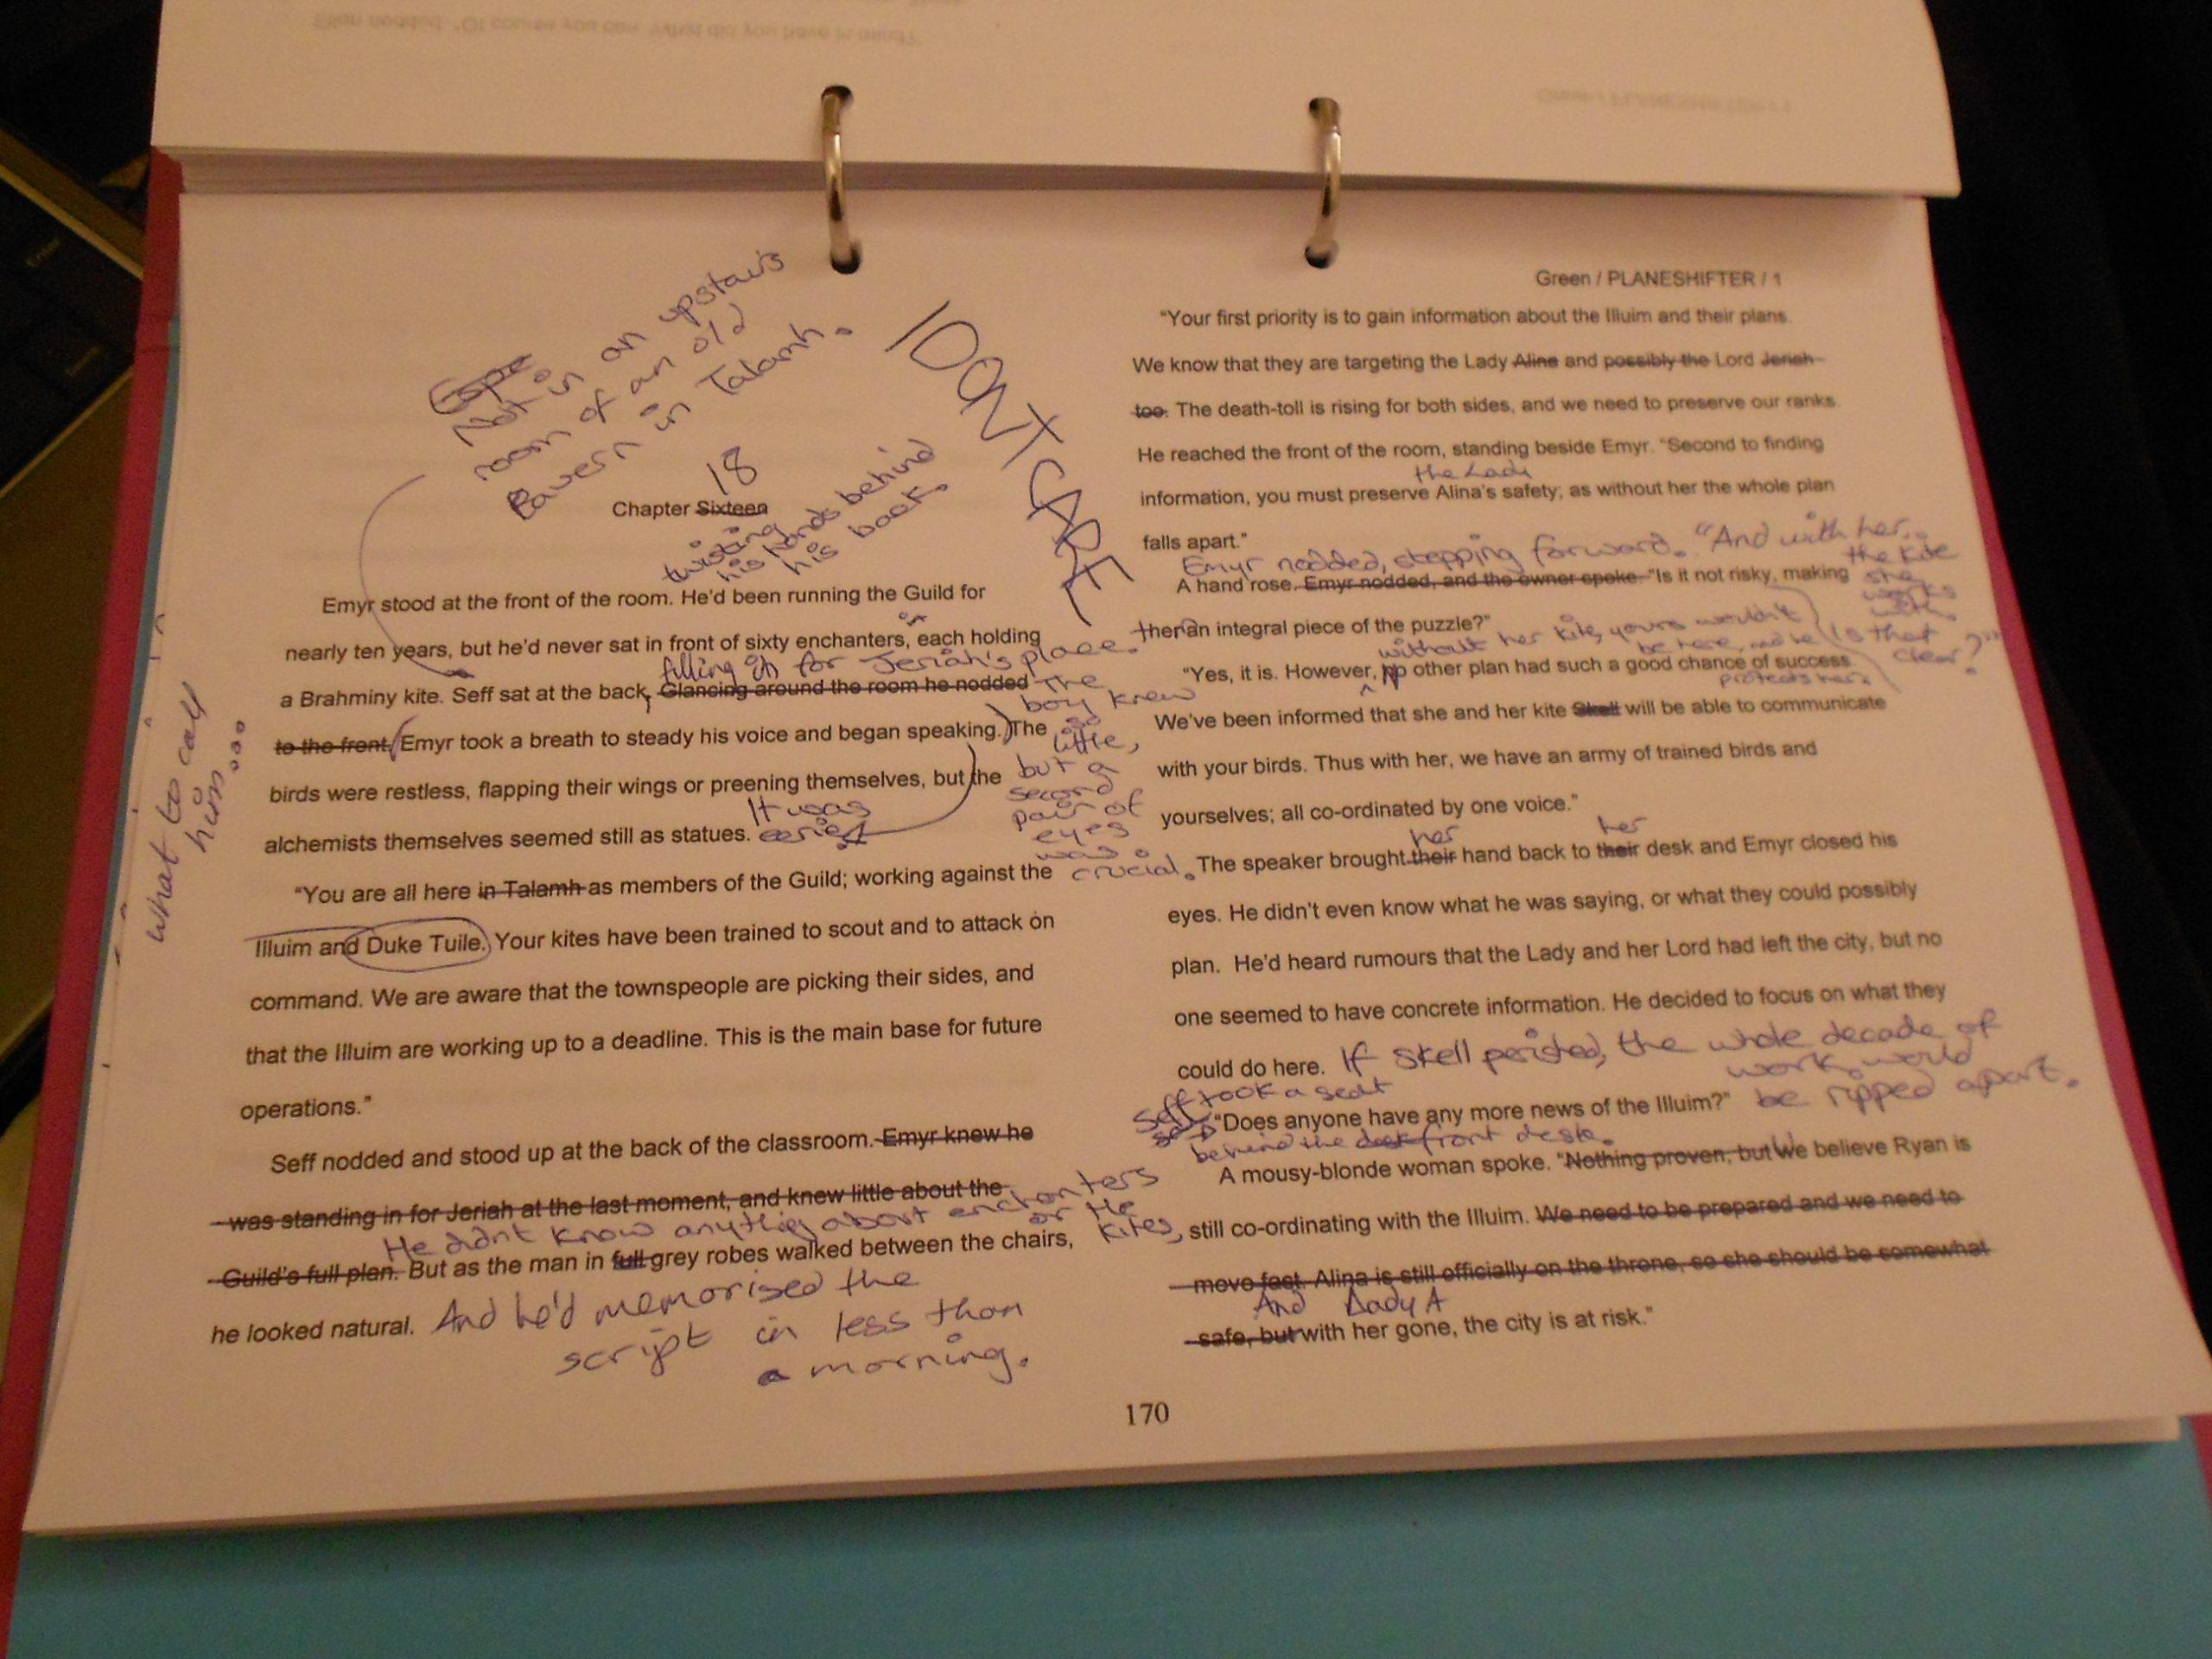 A New Editing Checklist